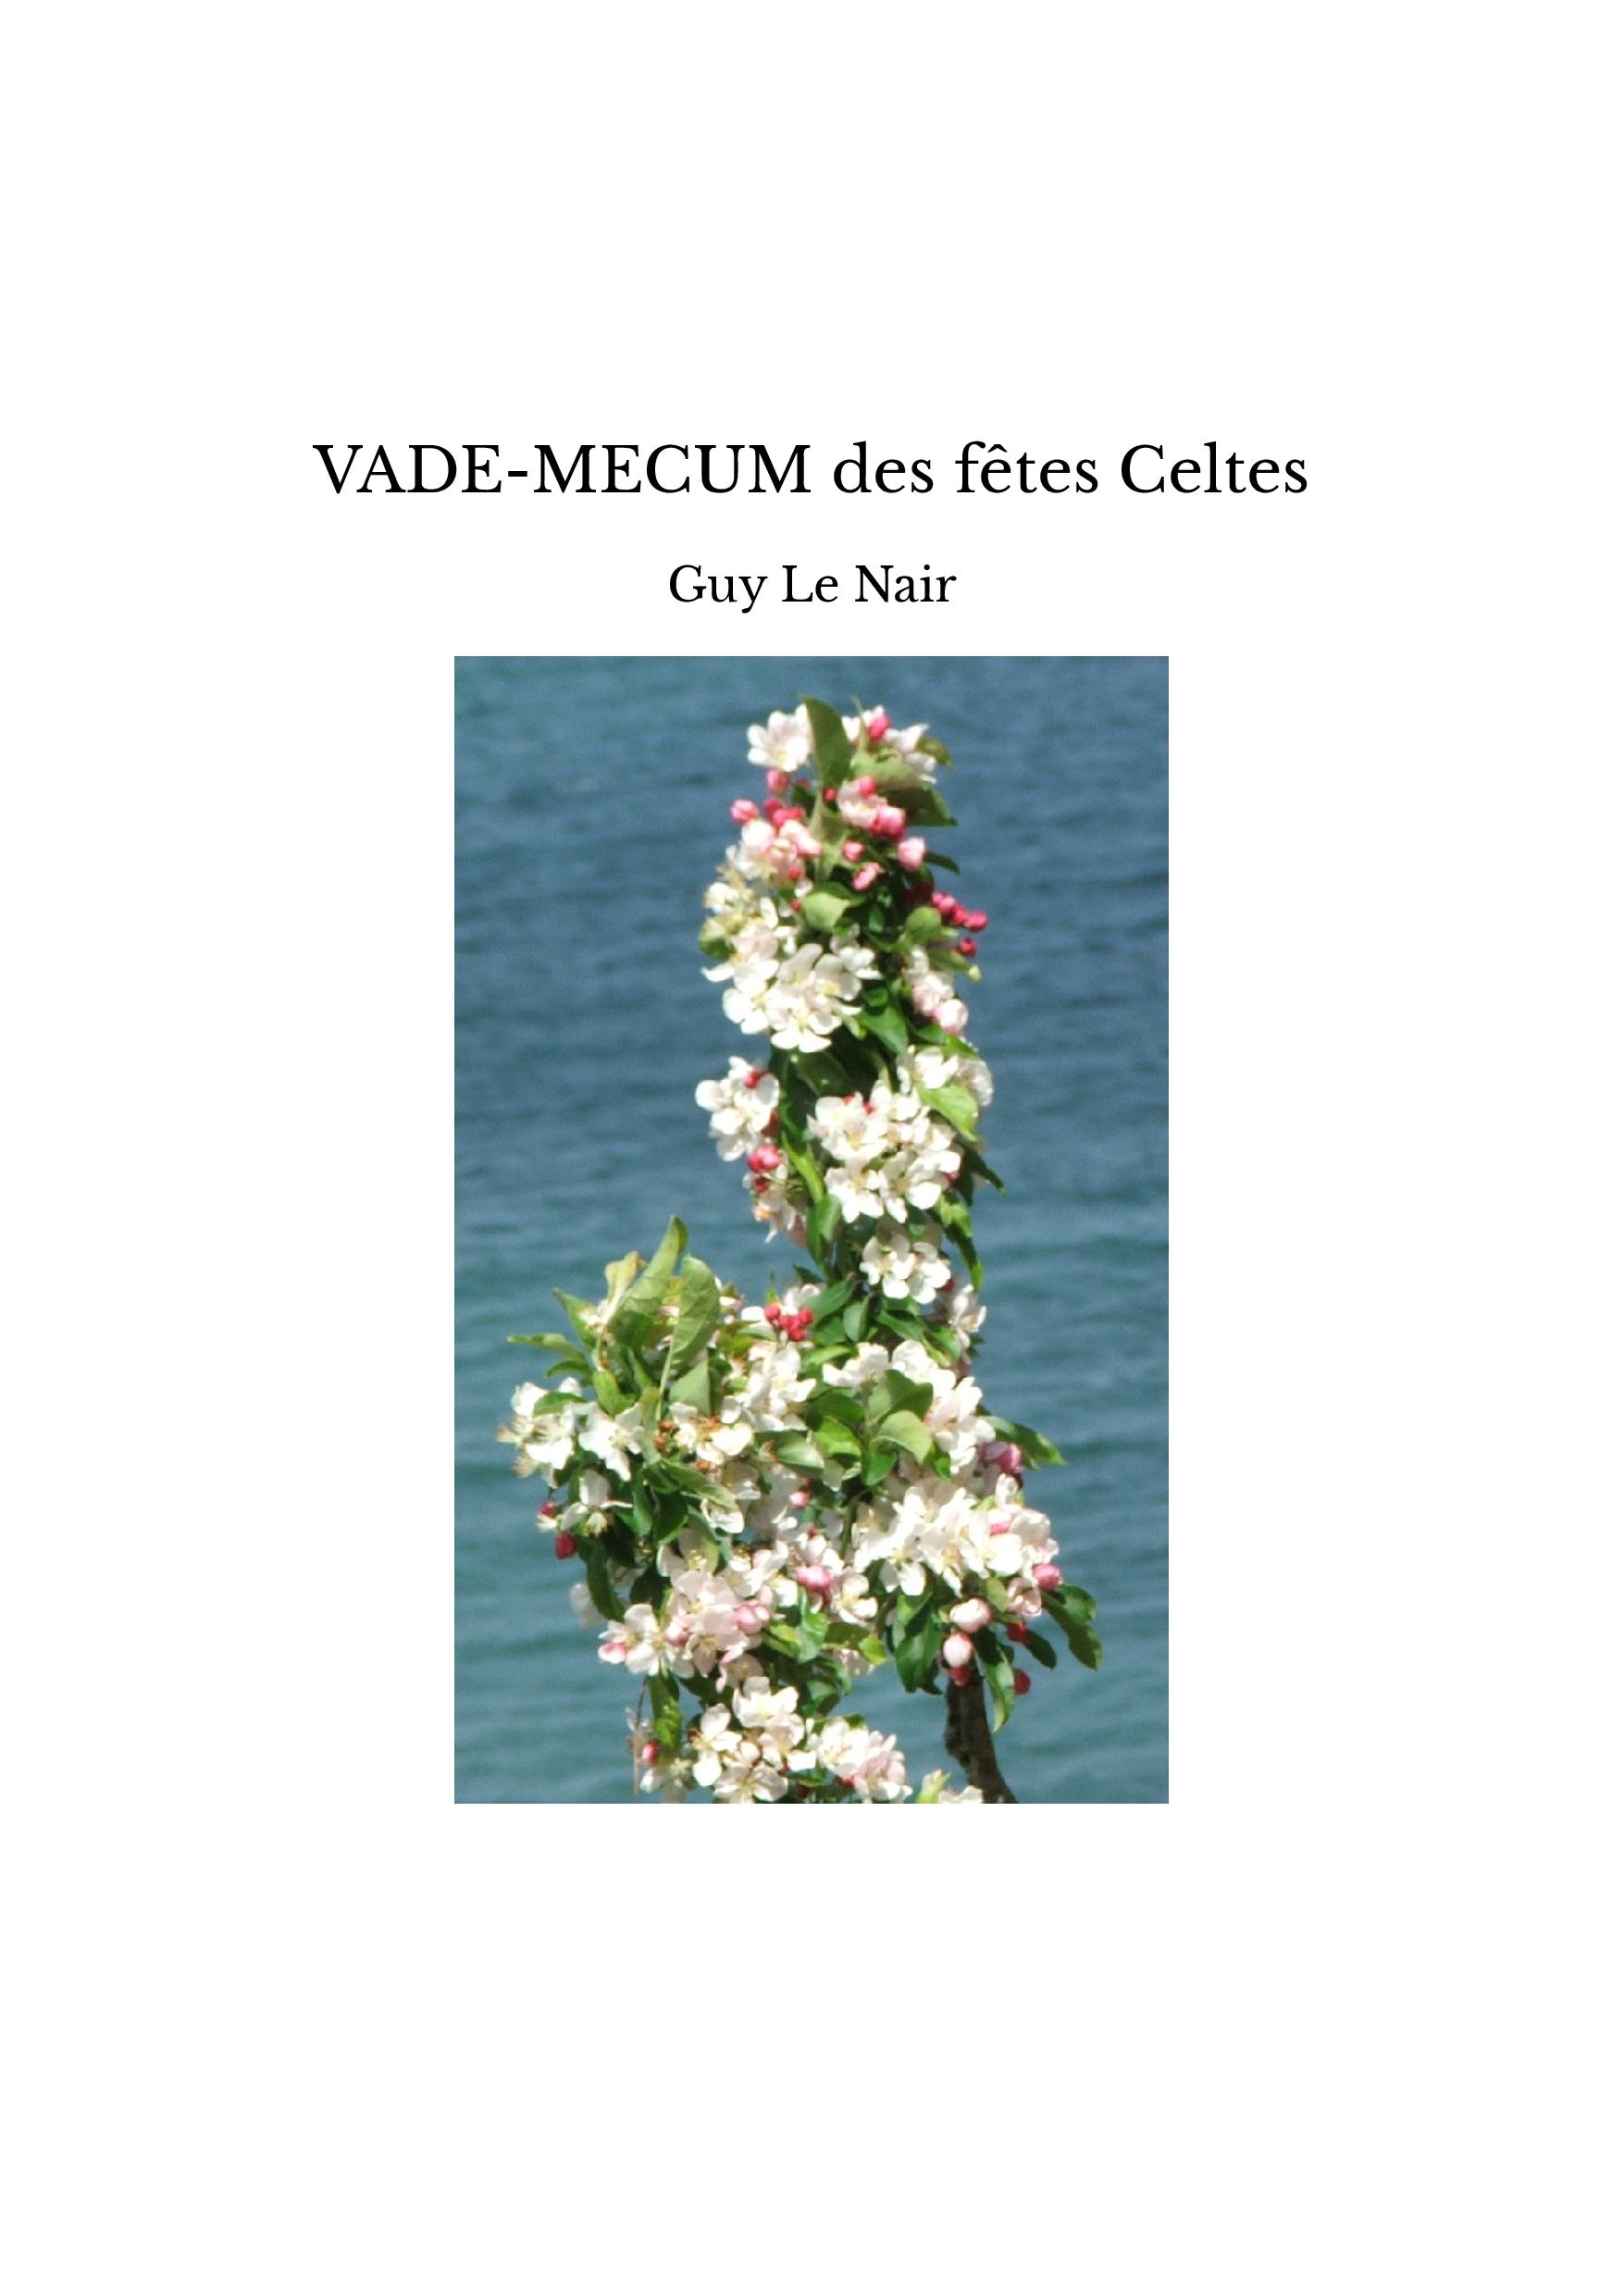 VADE-MECUM des fêtes Celtes